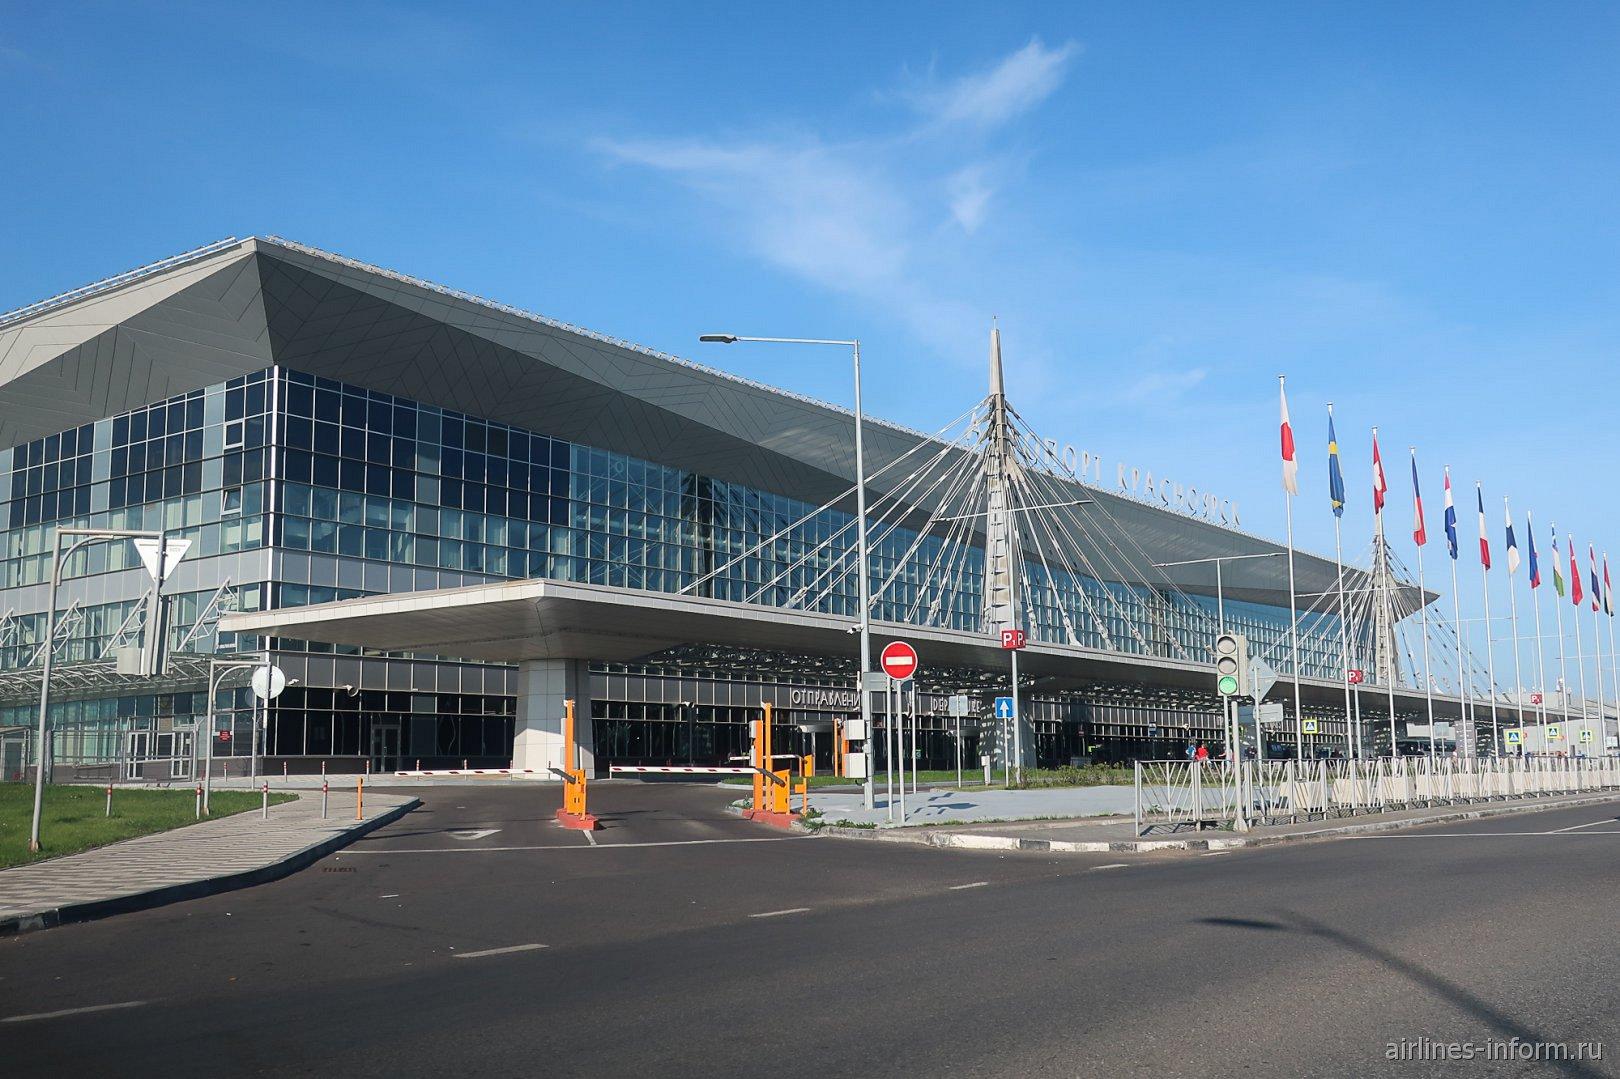 Новый пассажирский терминал красноярского аэропорта